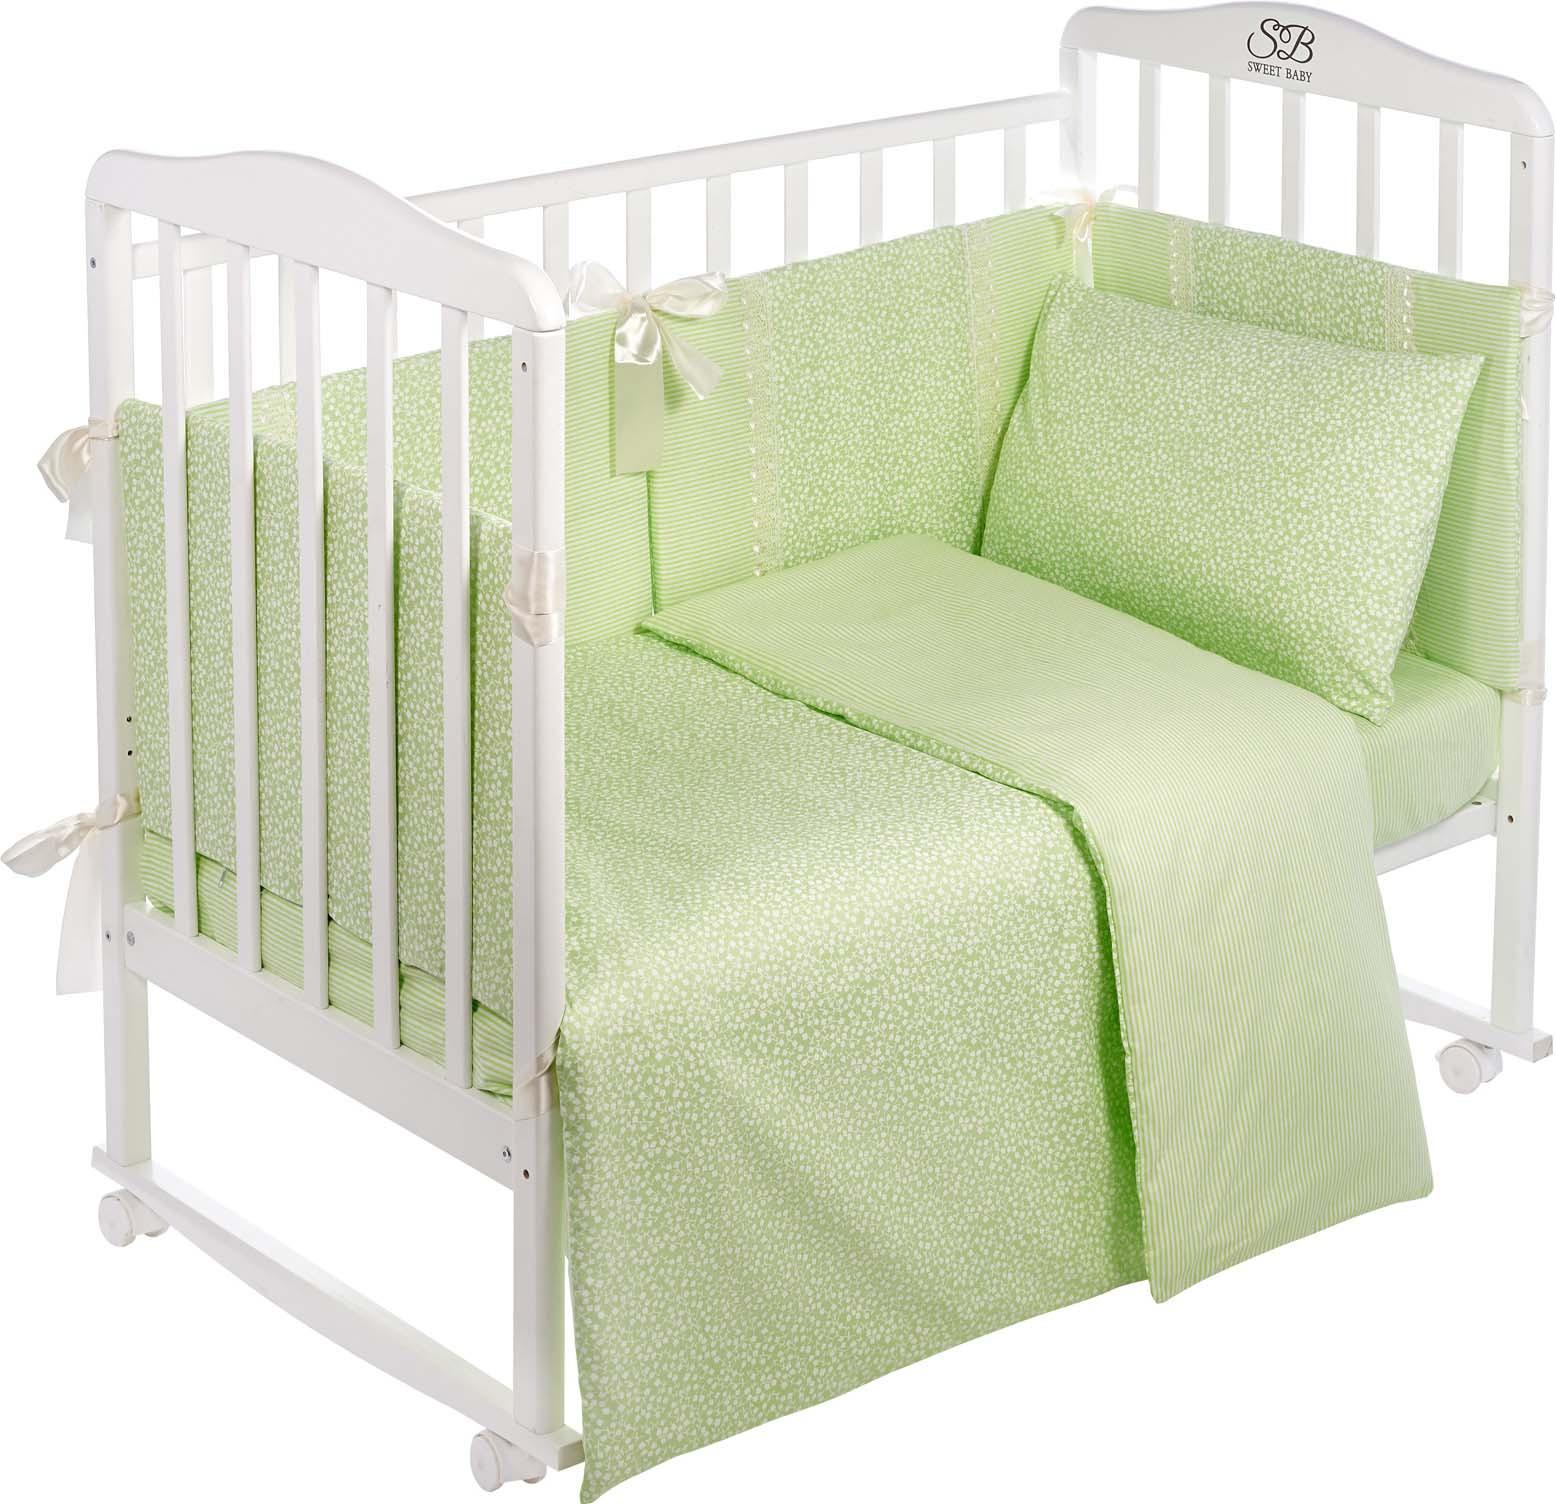 Комплект в кроватку Sweet Baby Venere, 419064, светло-зеленый, 4 предмета